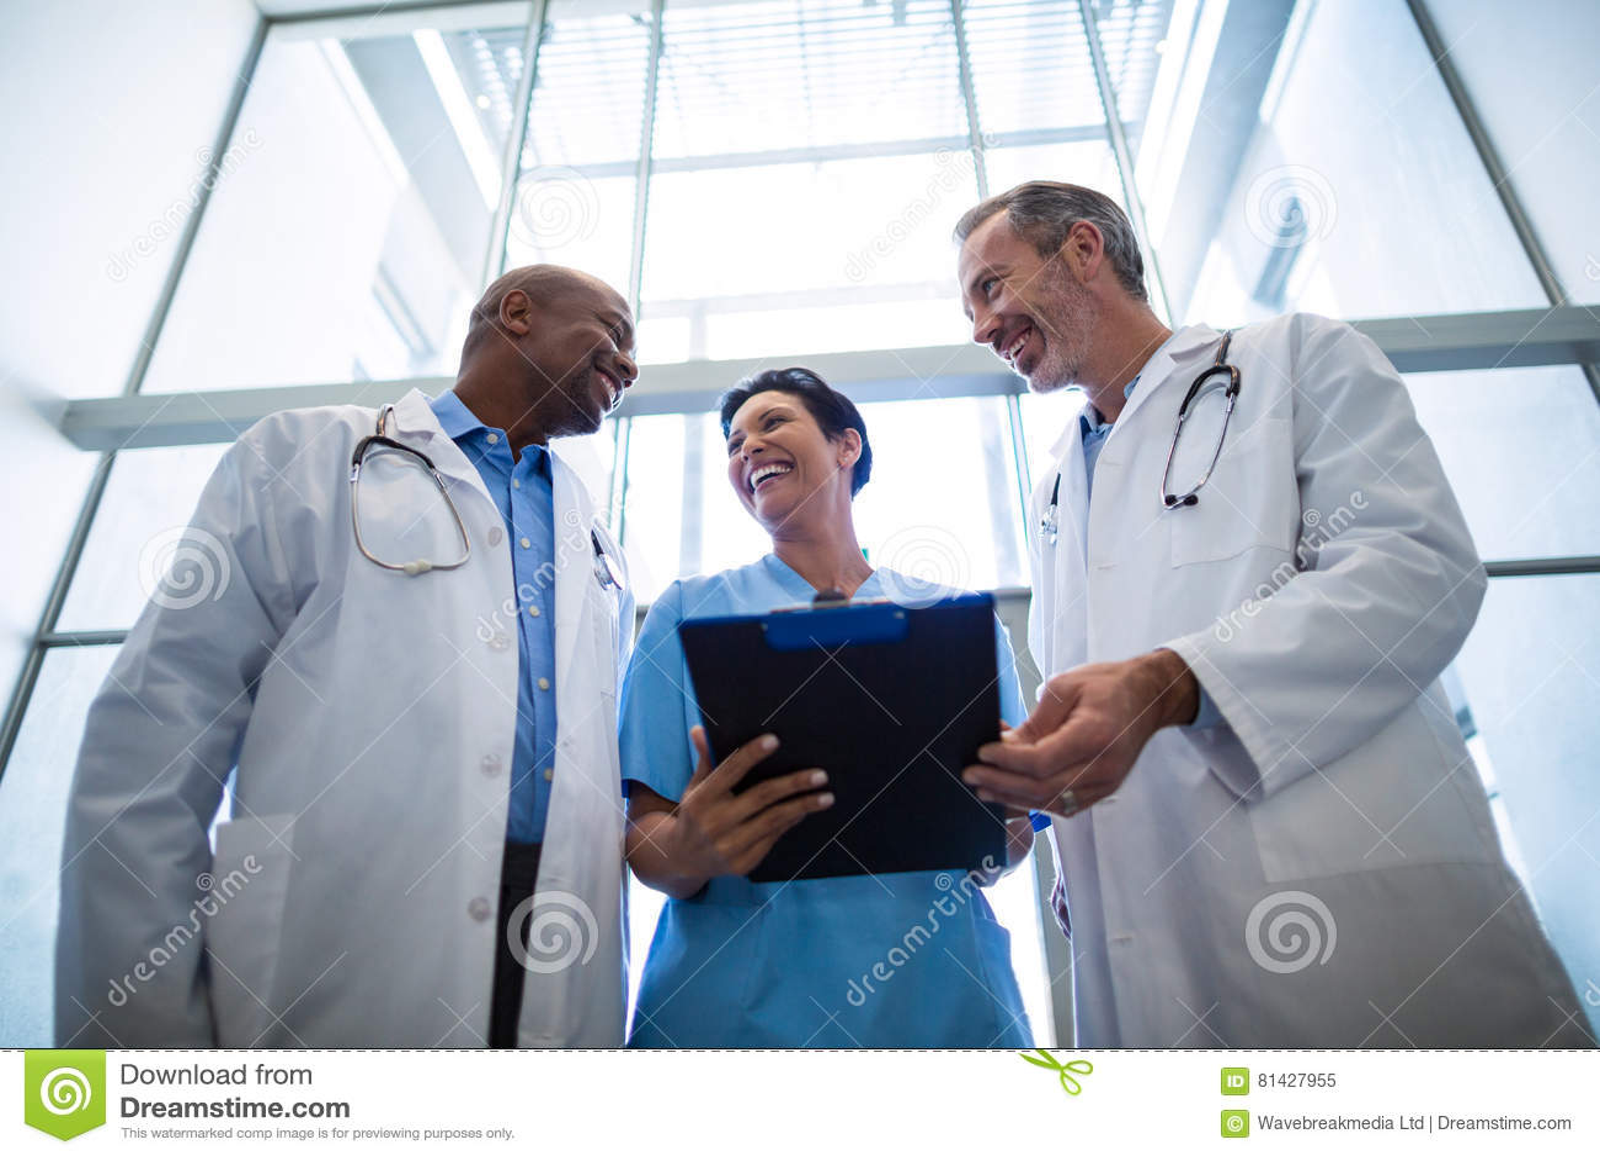 Друг с другом медсёстры фото 745-437